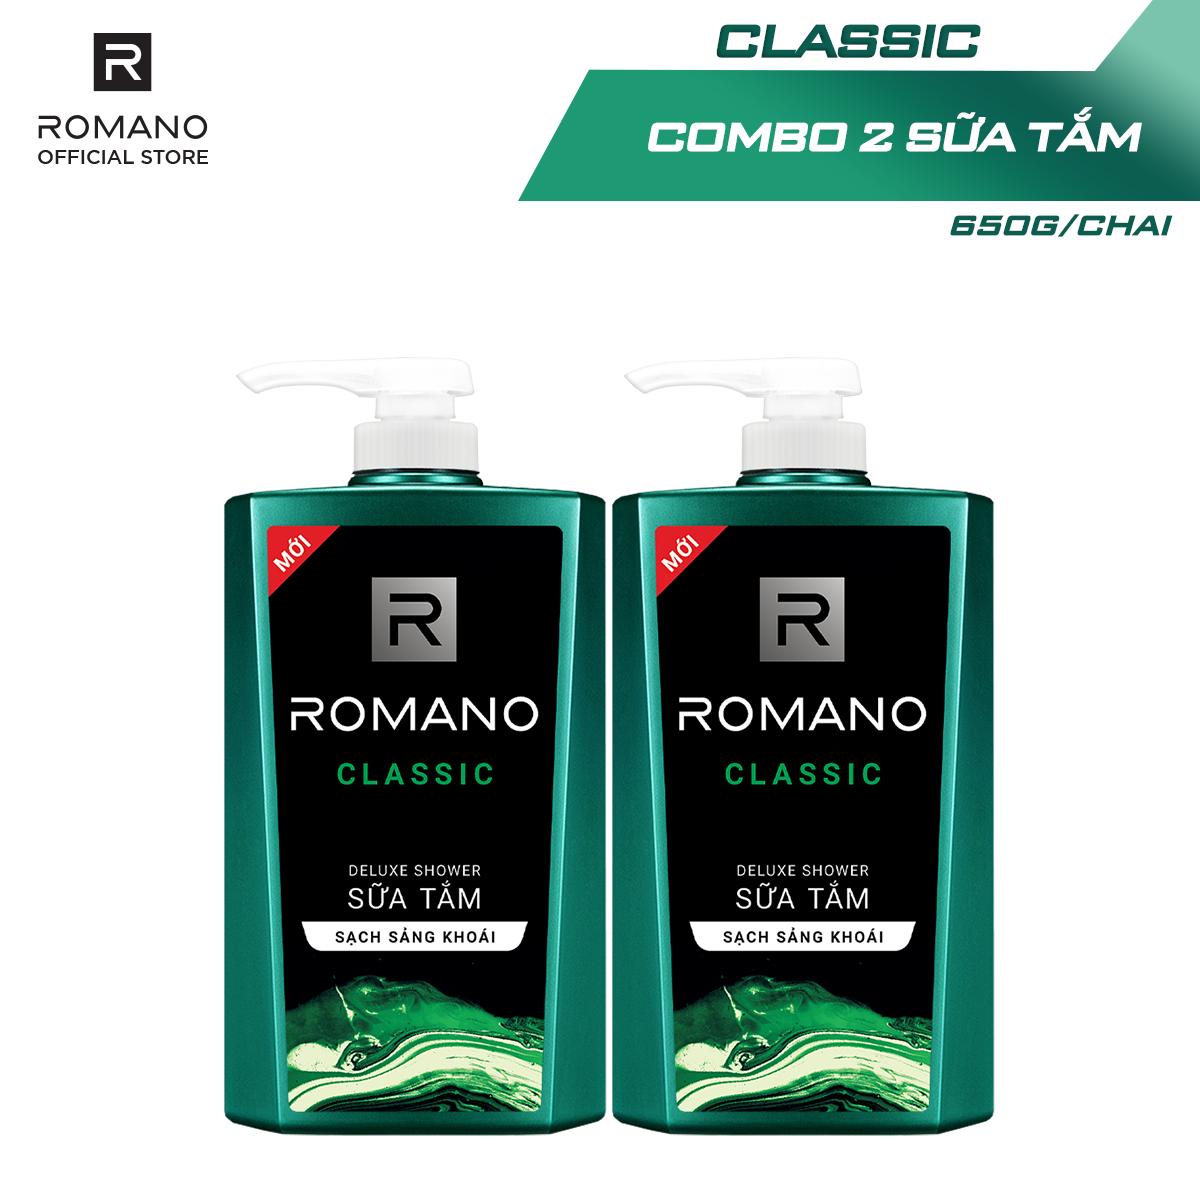 Combo 2 Sữa tắm Romano Classic cổ điển lịch lãm 650gr*2